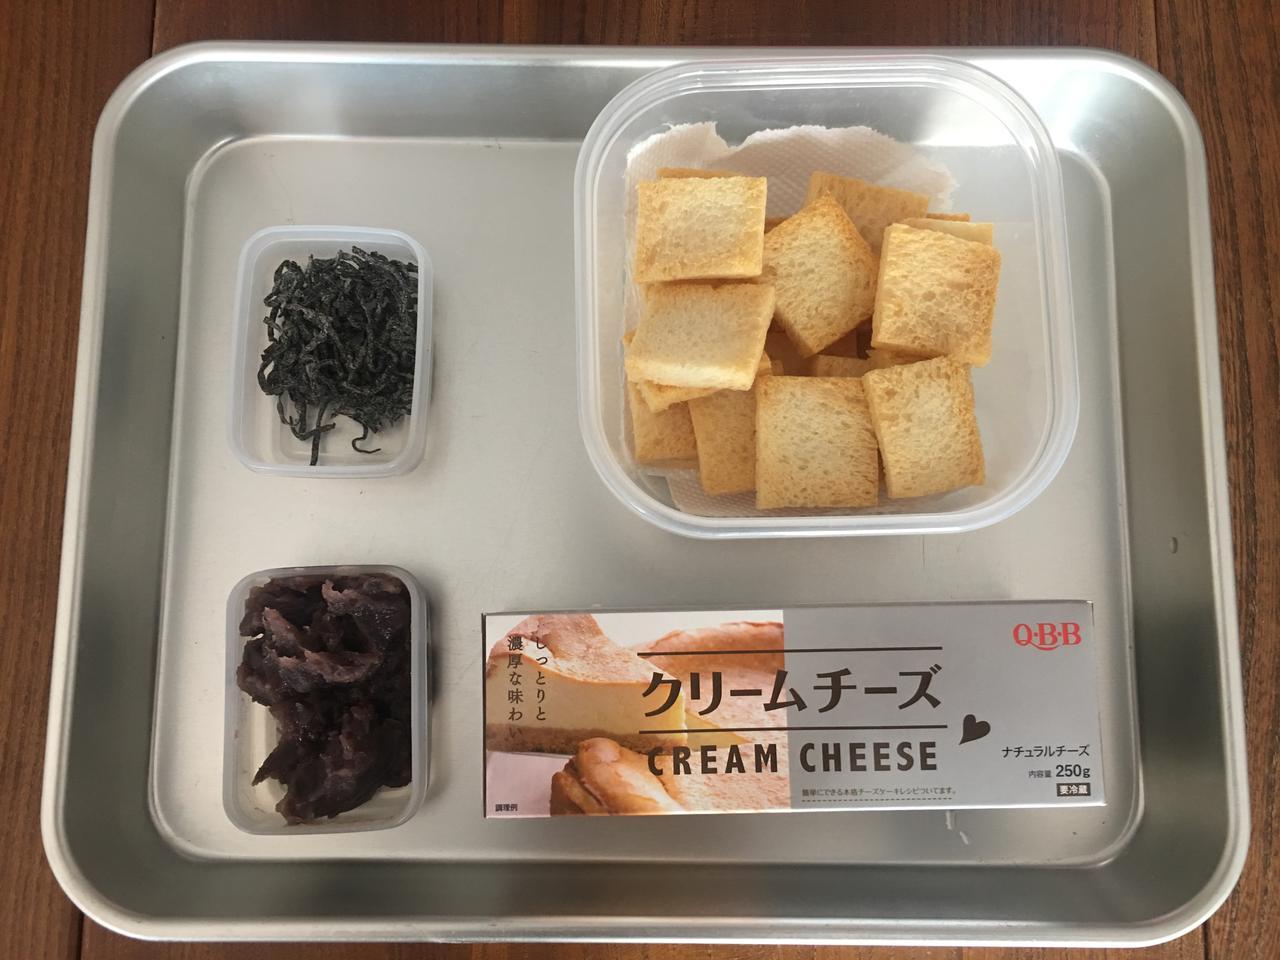 画像1: クリームチーズとあんこの塩昆布カナッペ